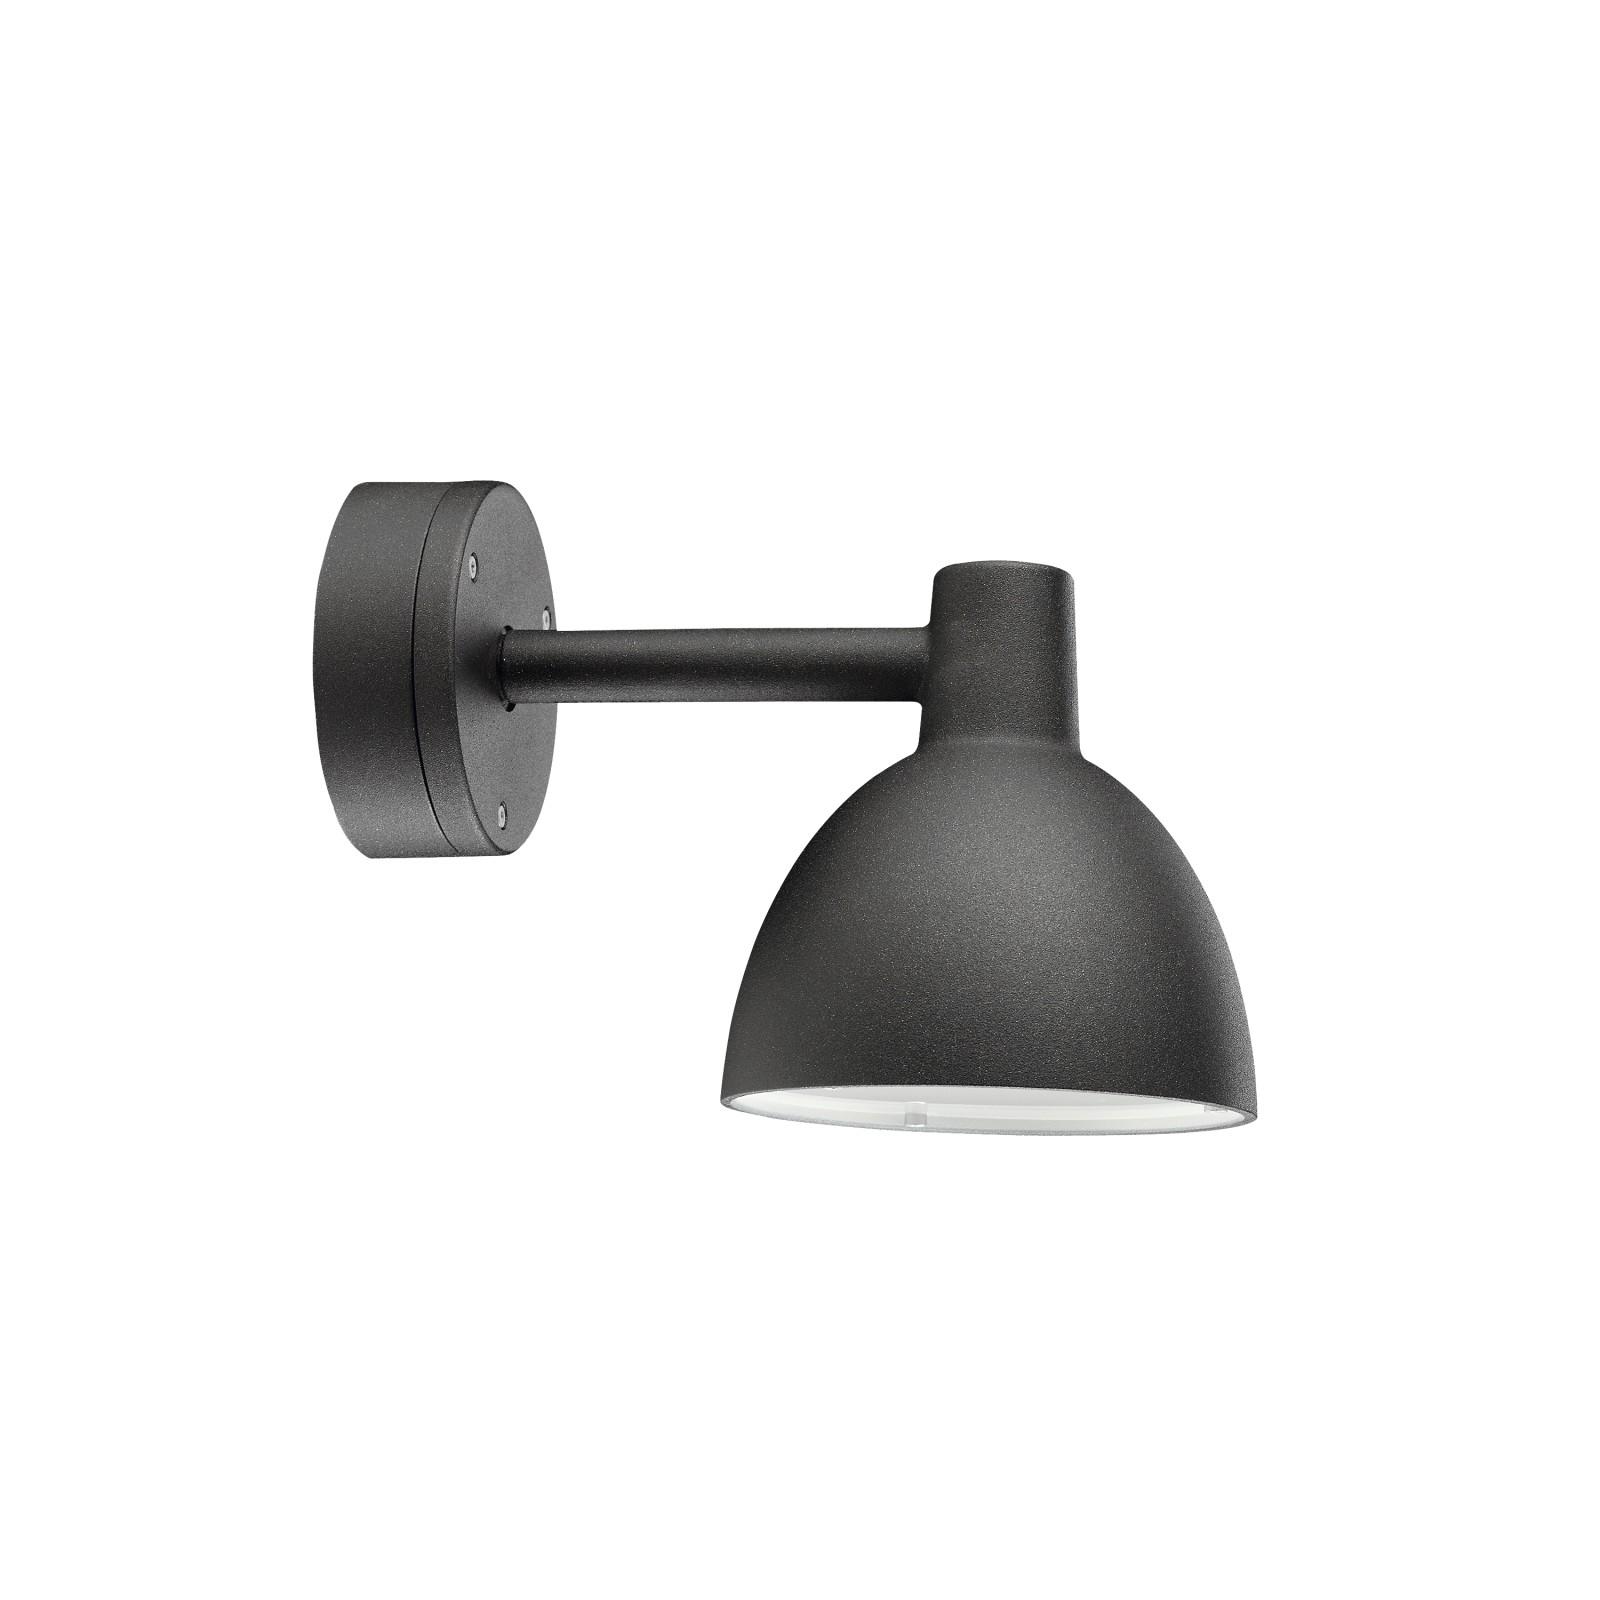 Toldbod 155 Outdoor Wall Light Black